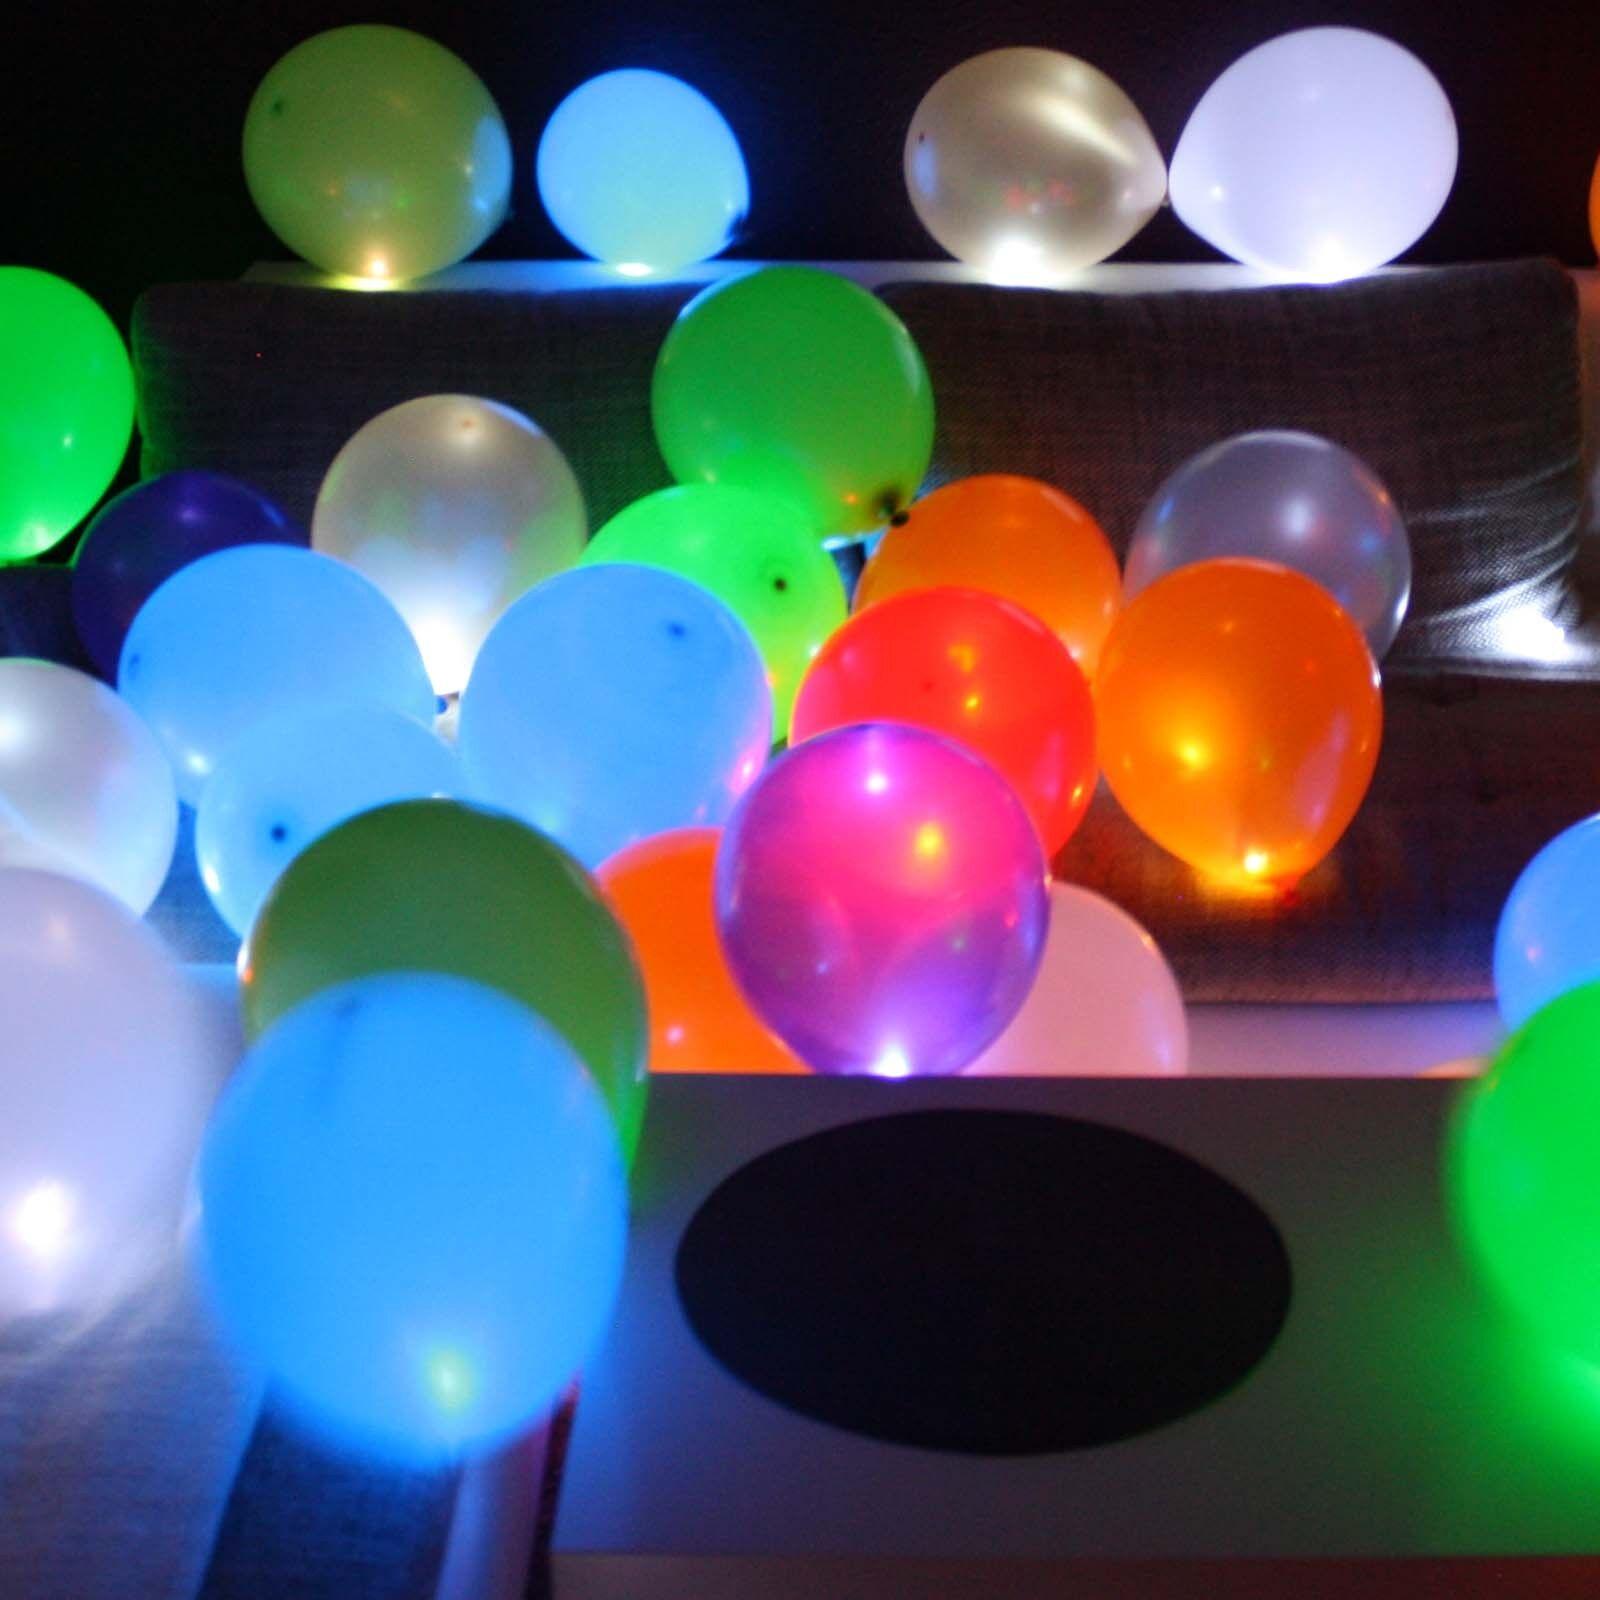 100 lumineux LED Ballons Anniversaire Mariage Fête DECO CLUB lumière ballons